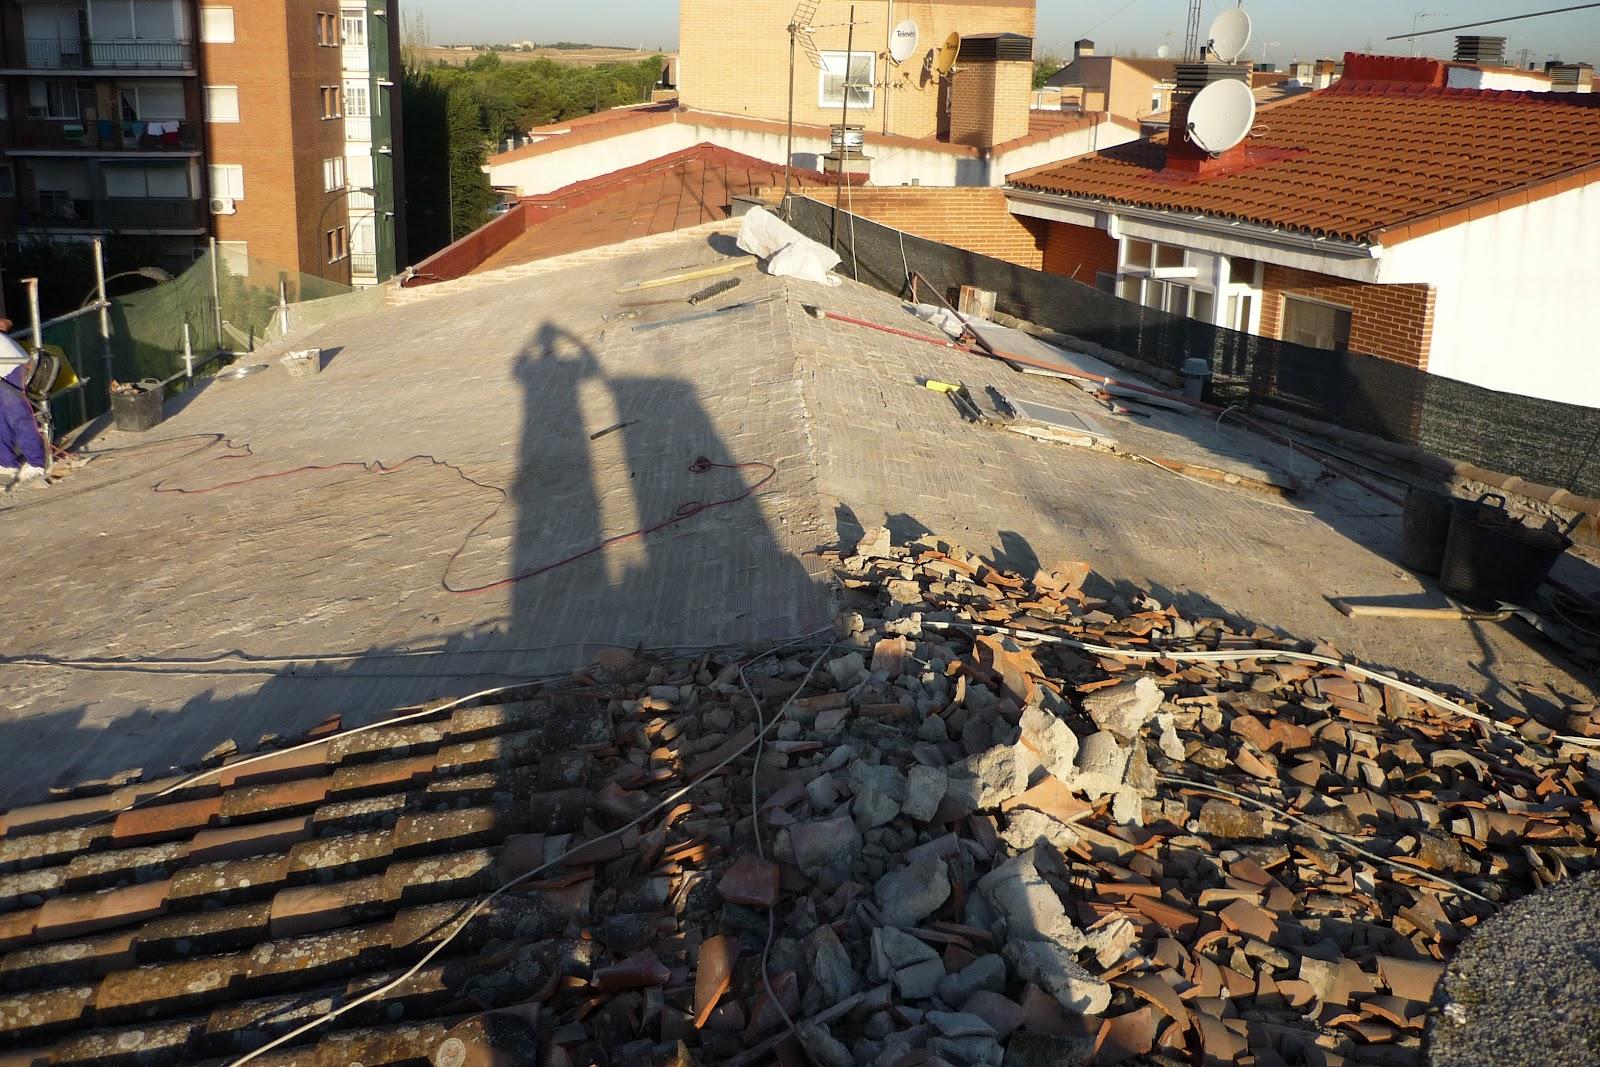 Rehabilitaci n de edificios en getafe reforma tejado en - Reformas getafe ...